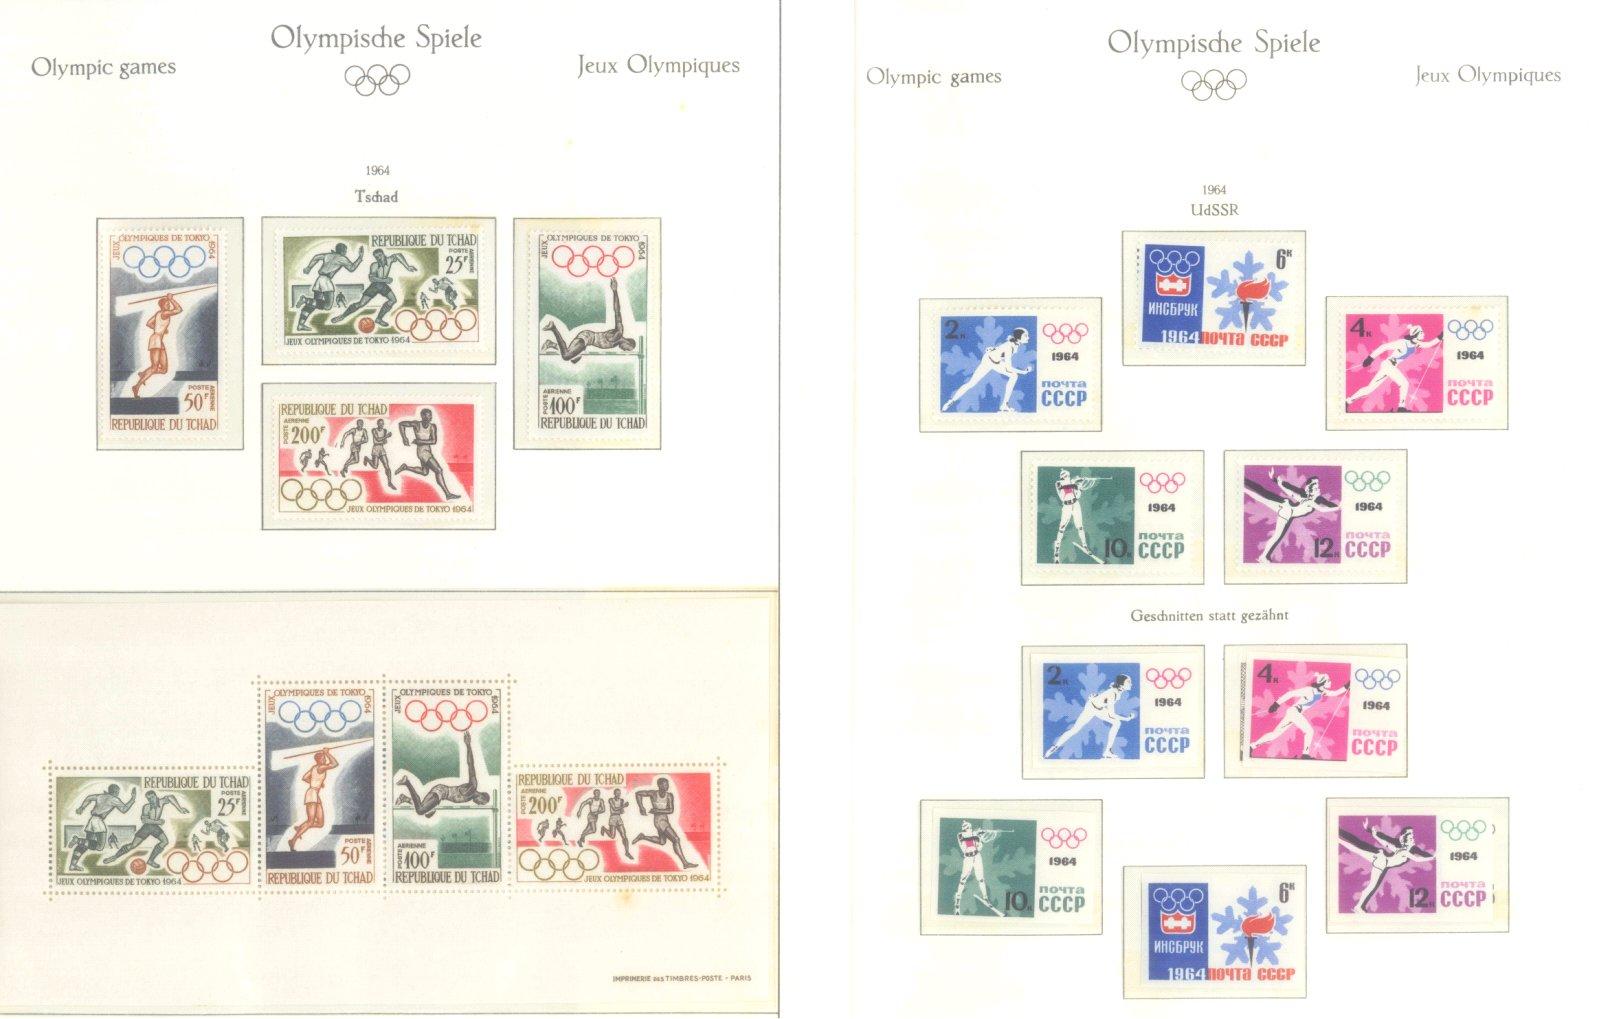 OLYMPISCHE SPIELE 1964 TOKIO, postfrische Sammlung Teil 2-42